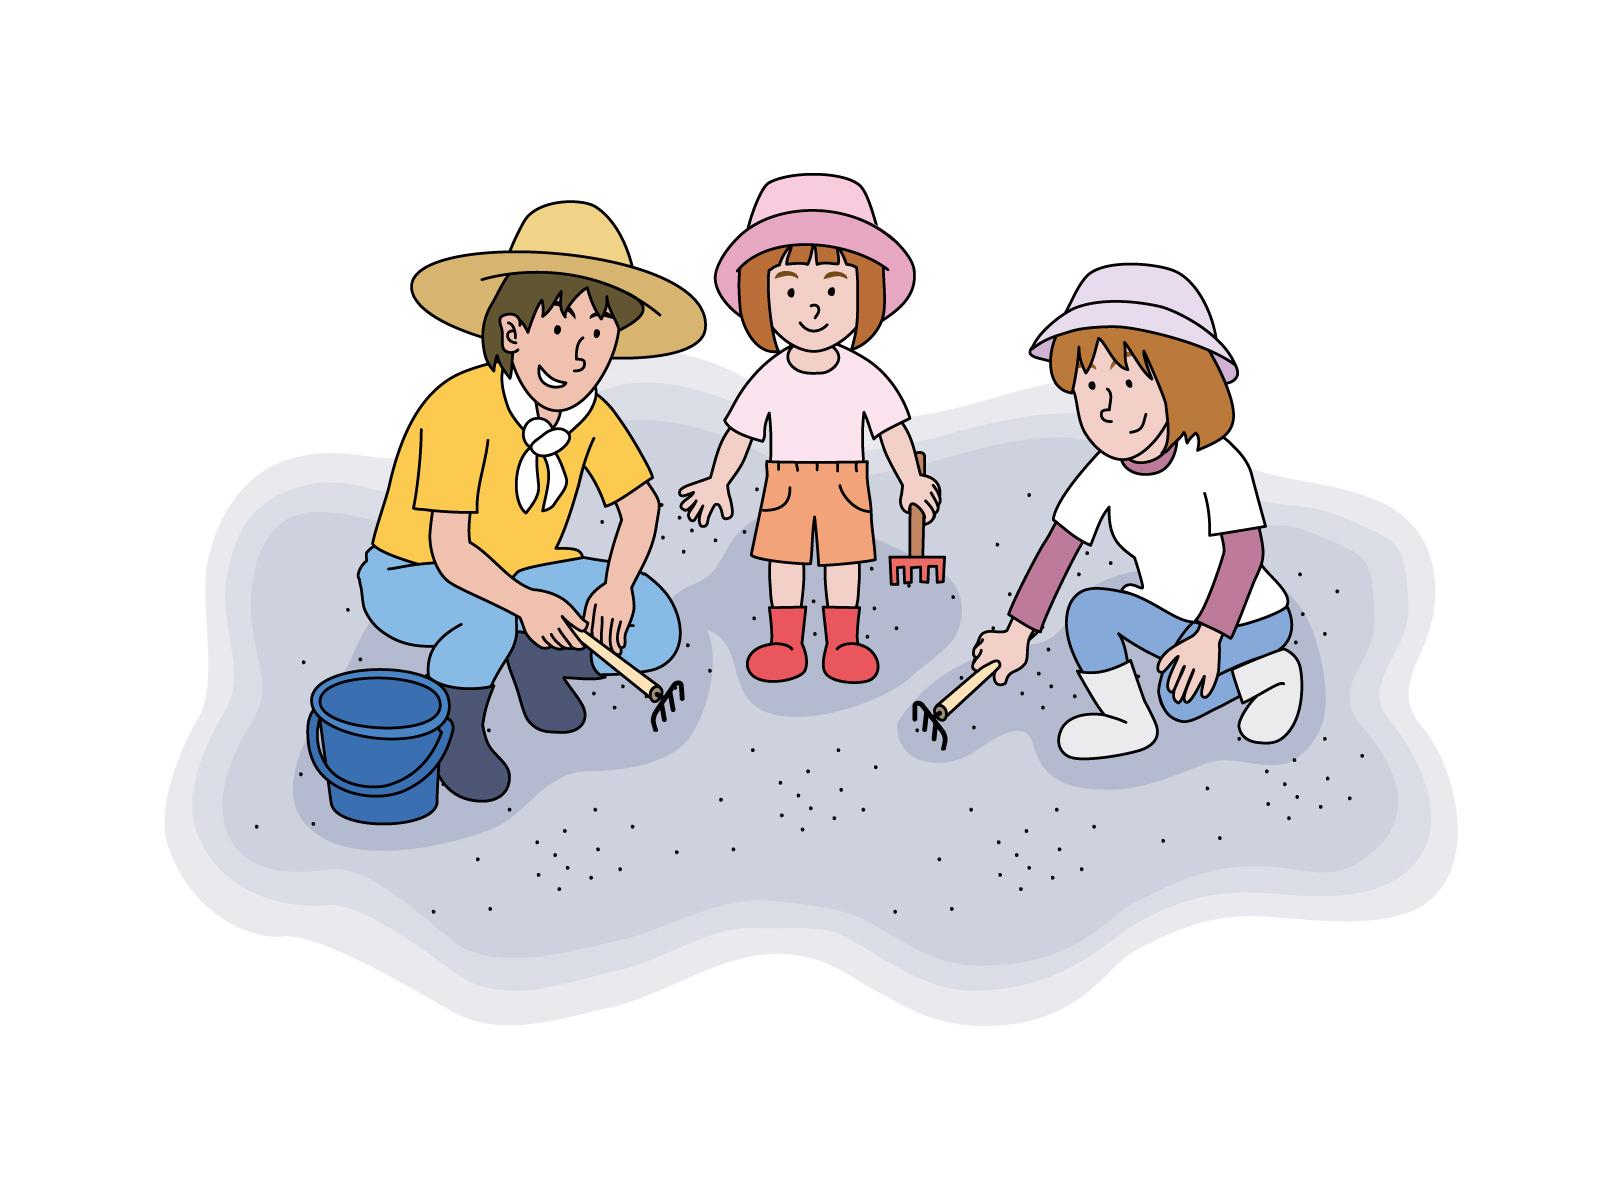 【潮干狩りの貝】漁師が養殖アサリ(中国産)を撒いている!?その理由&天然は存在する?